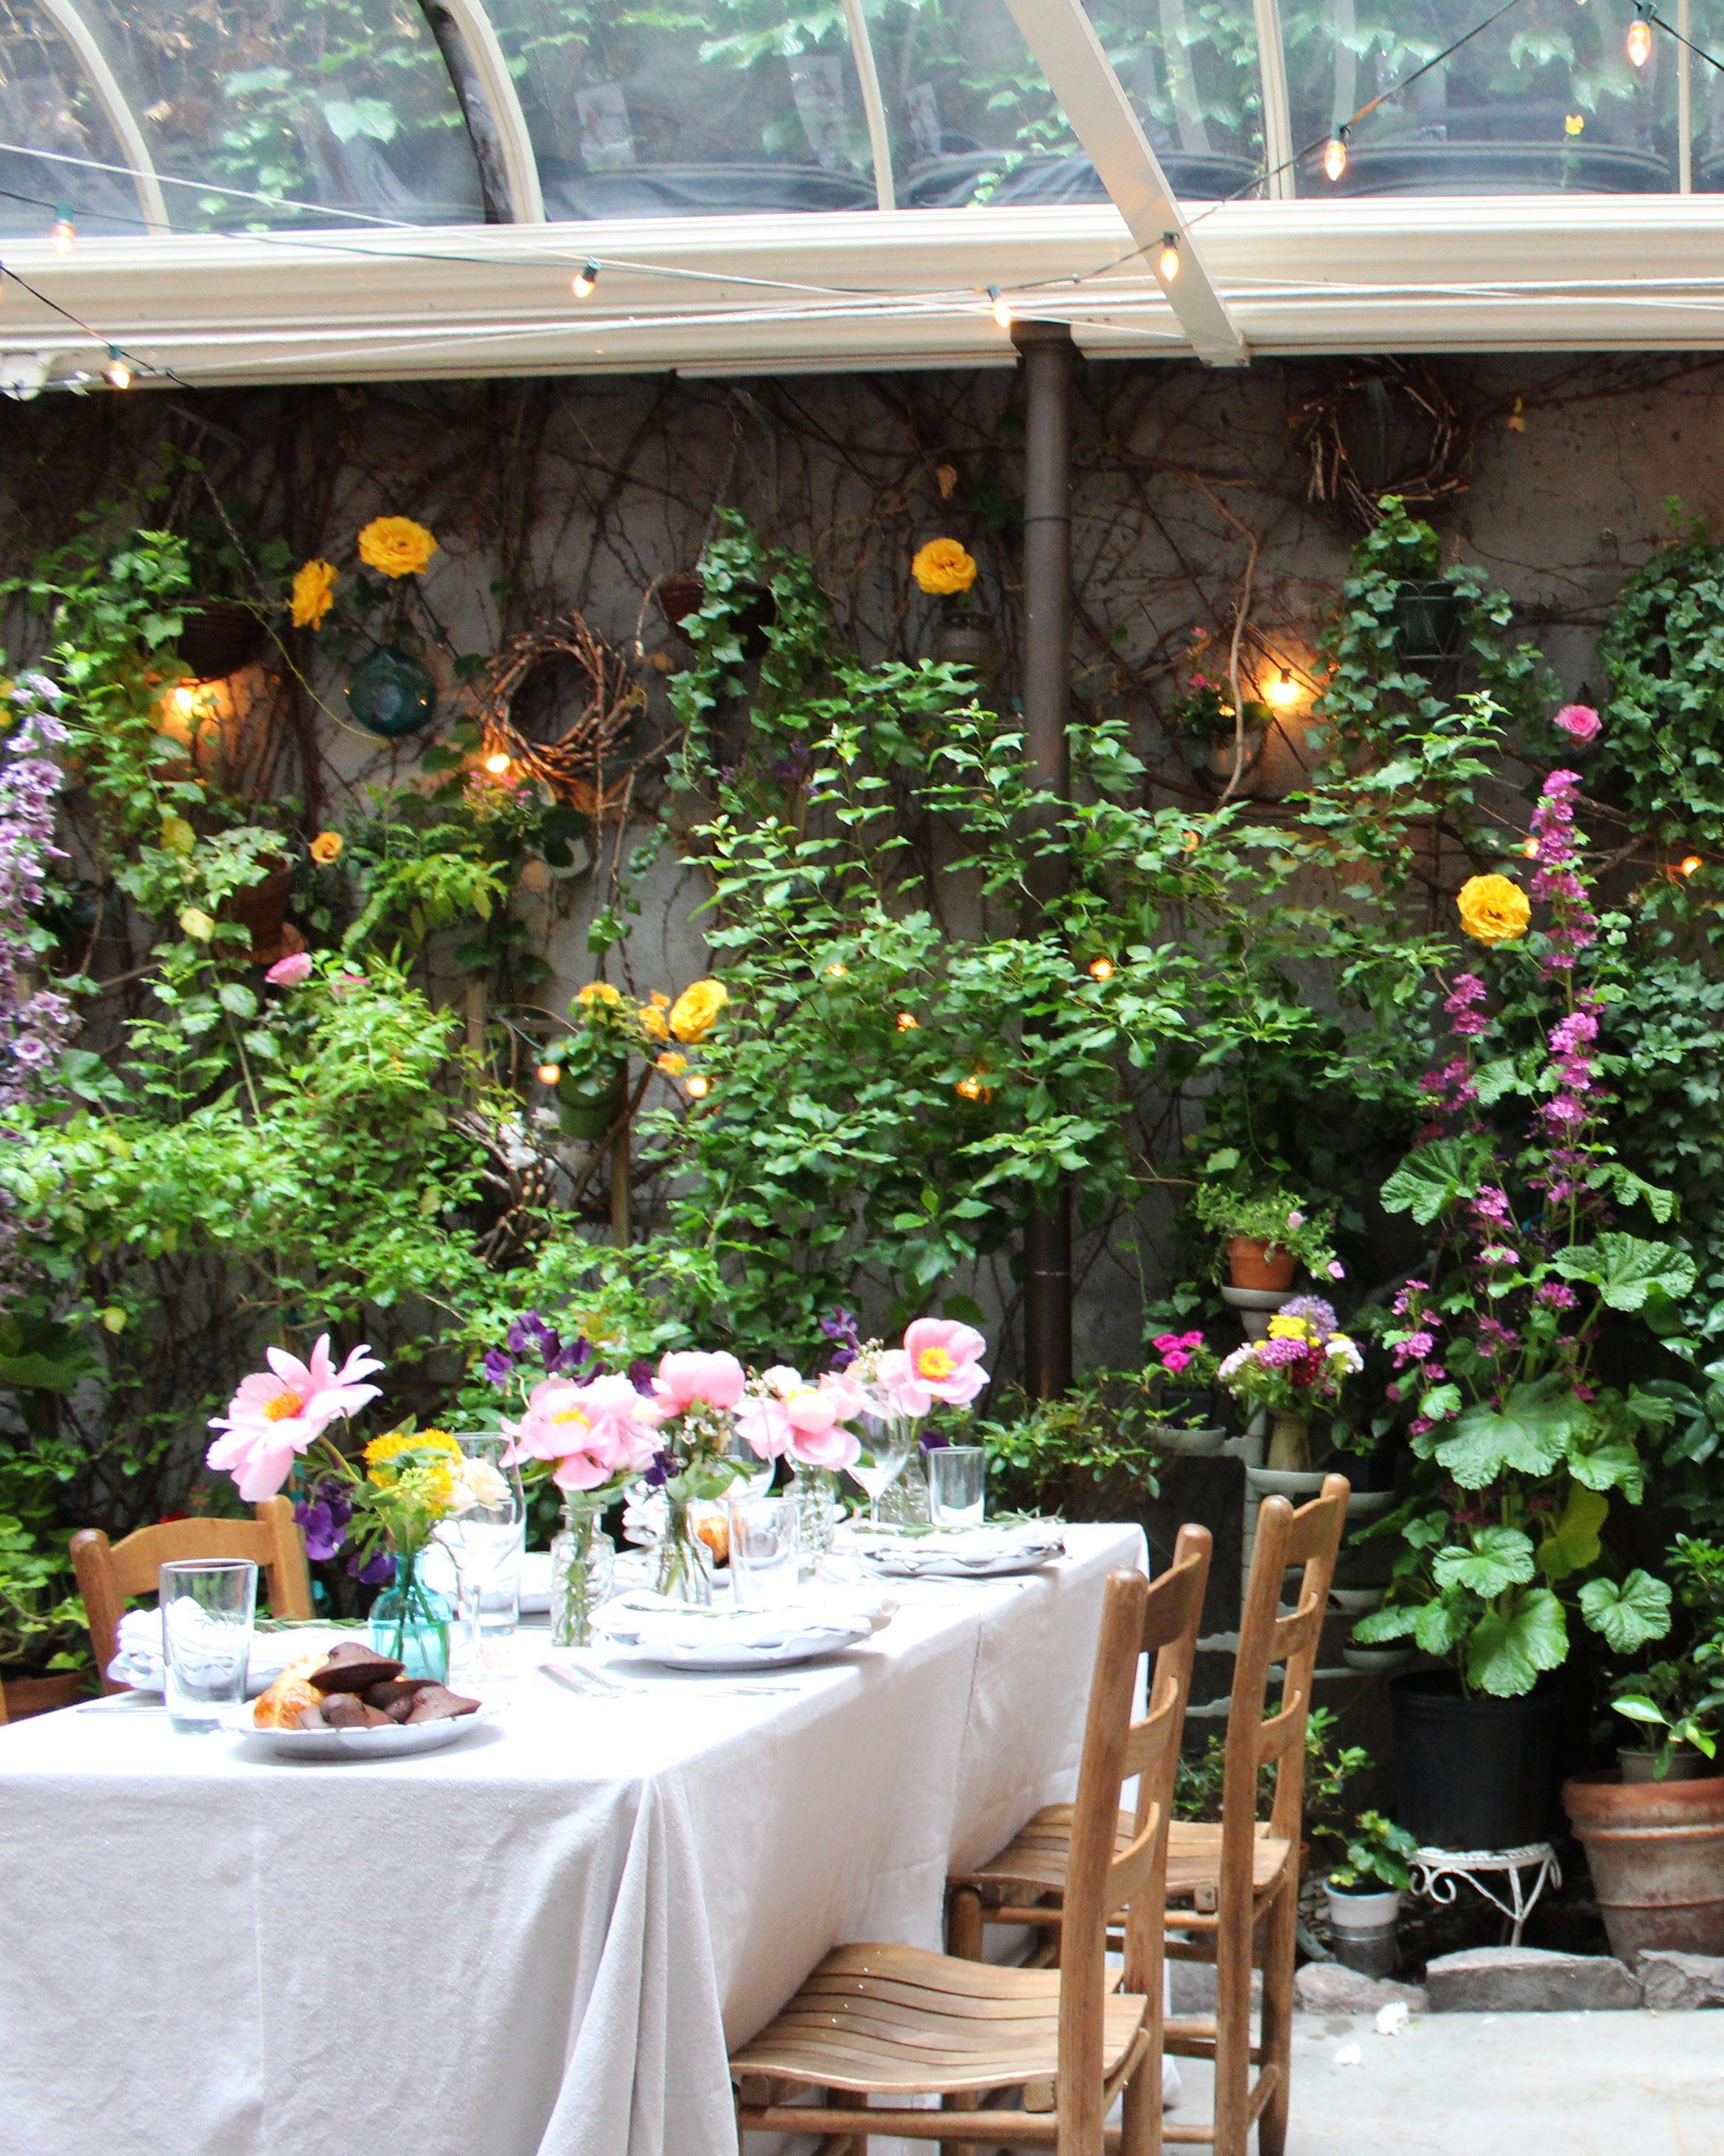 denise-porcaro-bridal-shower-palma-garden-0616.jpg